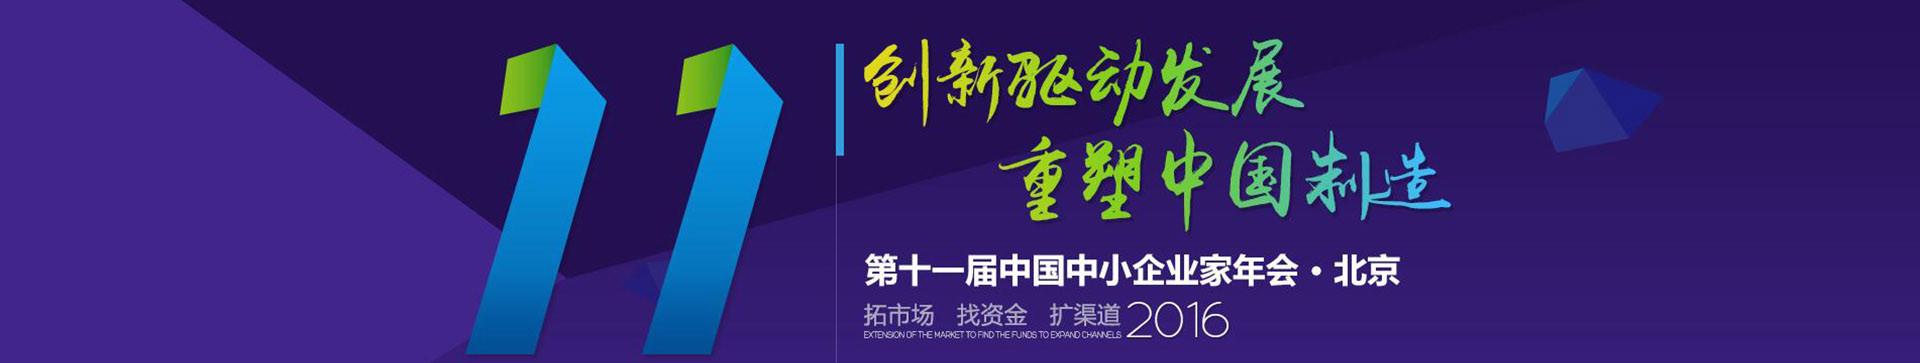 2016第十一届中国中小企业家年会